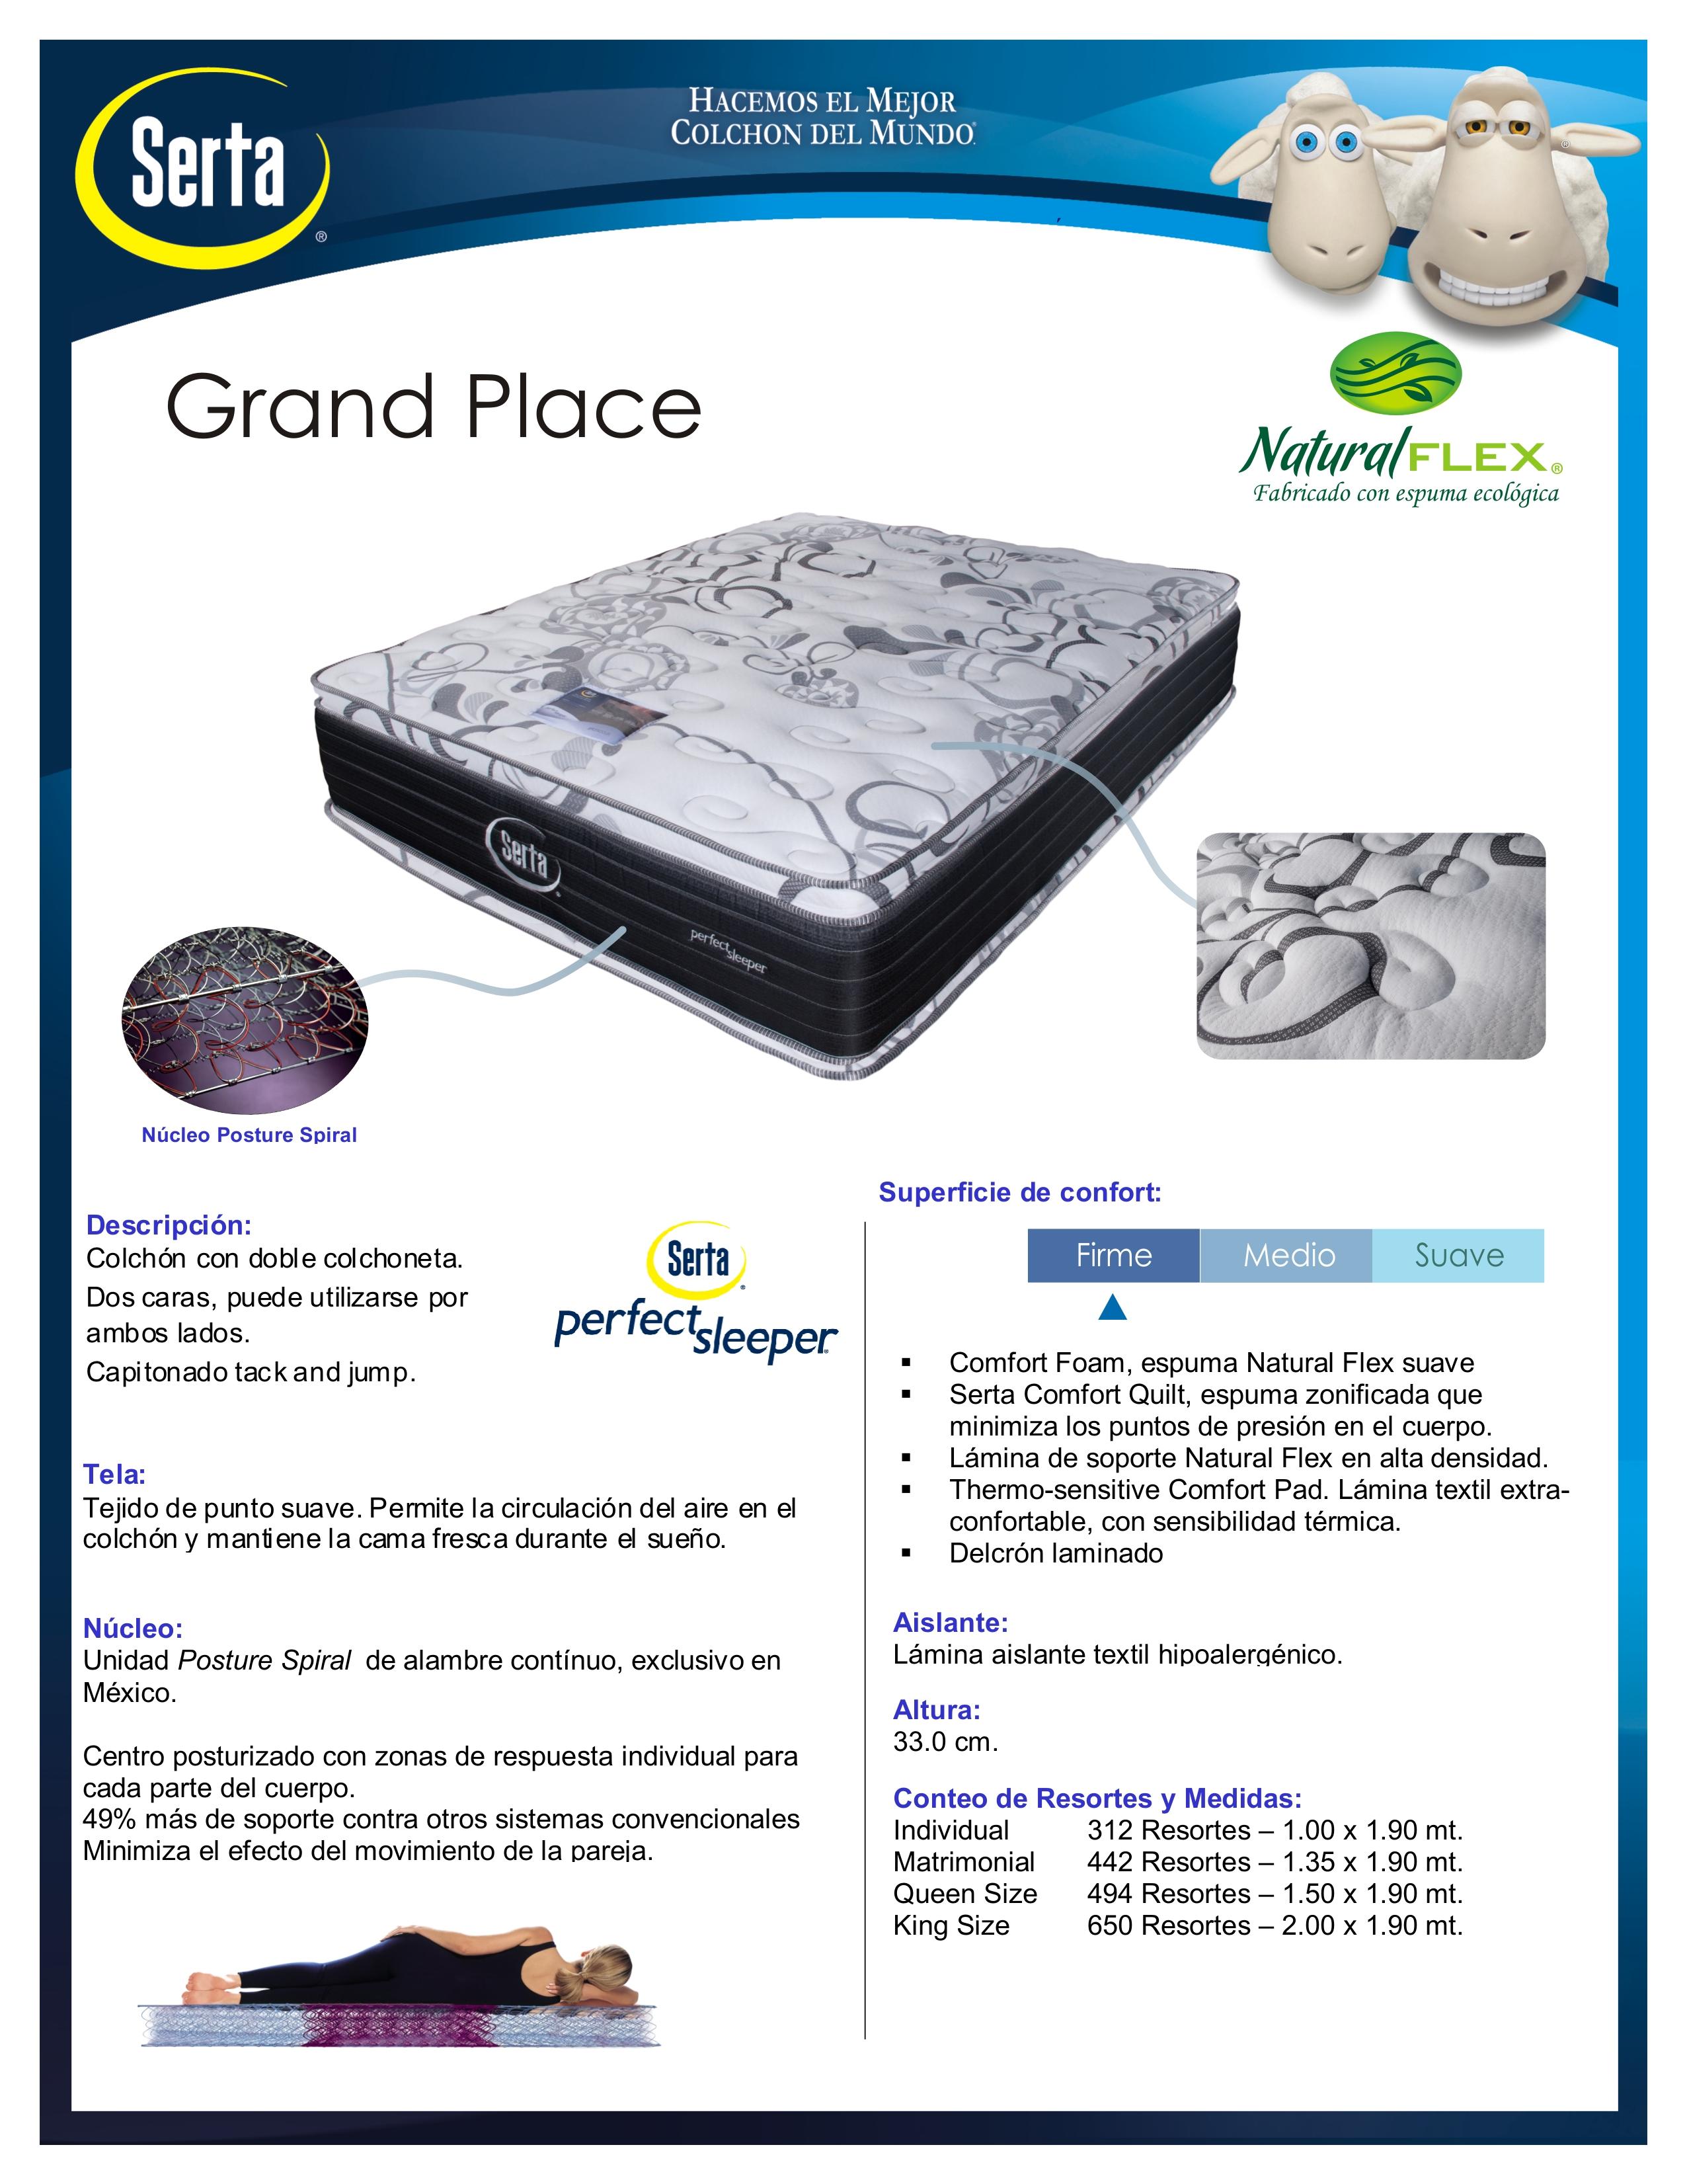 Serta Grand Place Mr Vallarta S